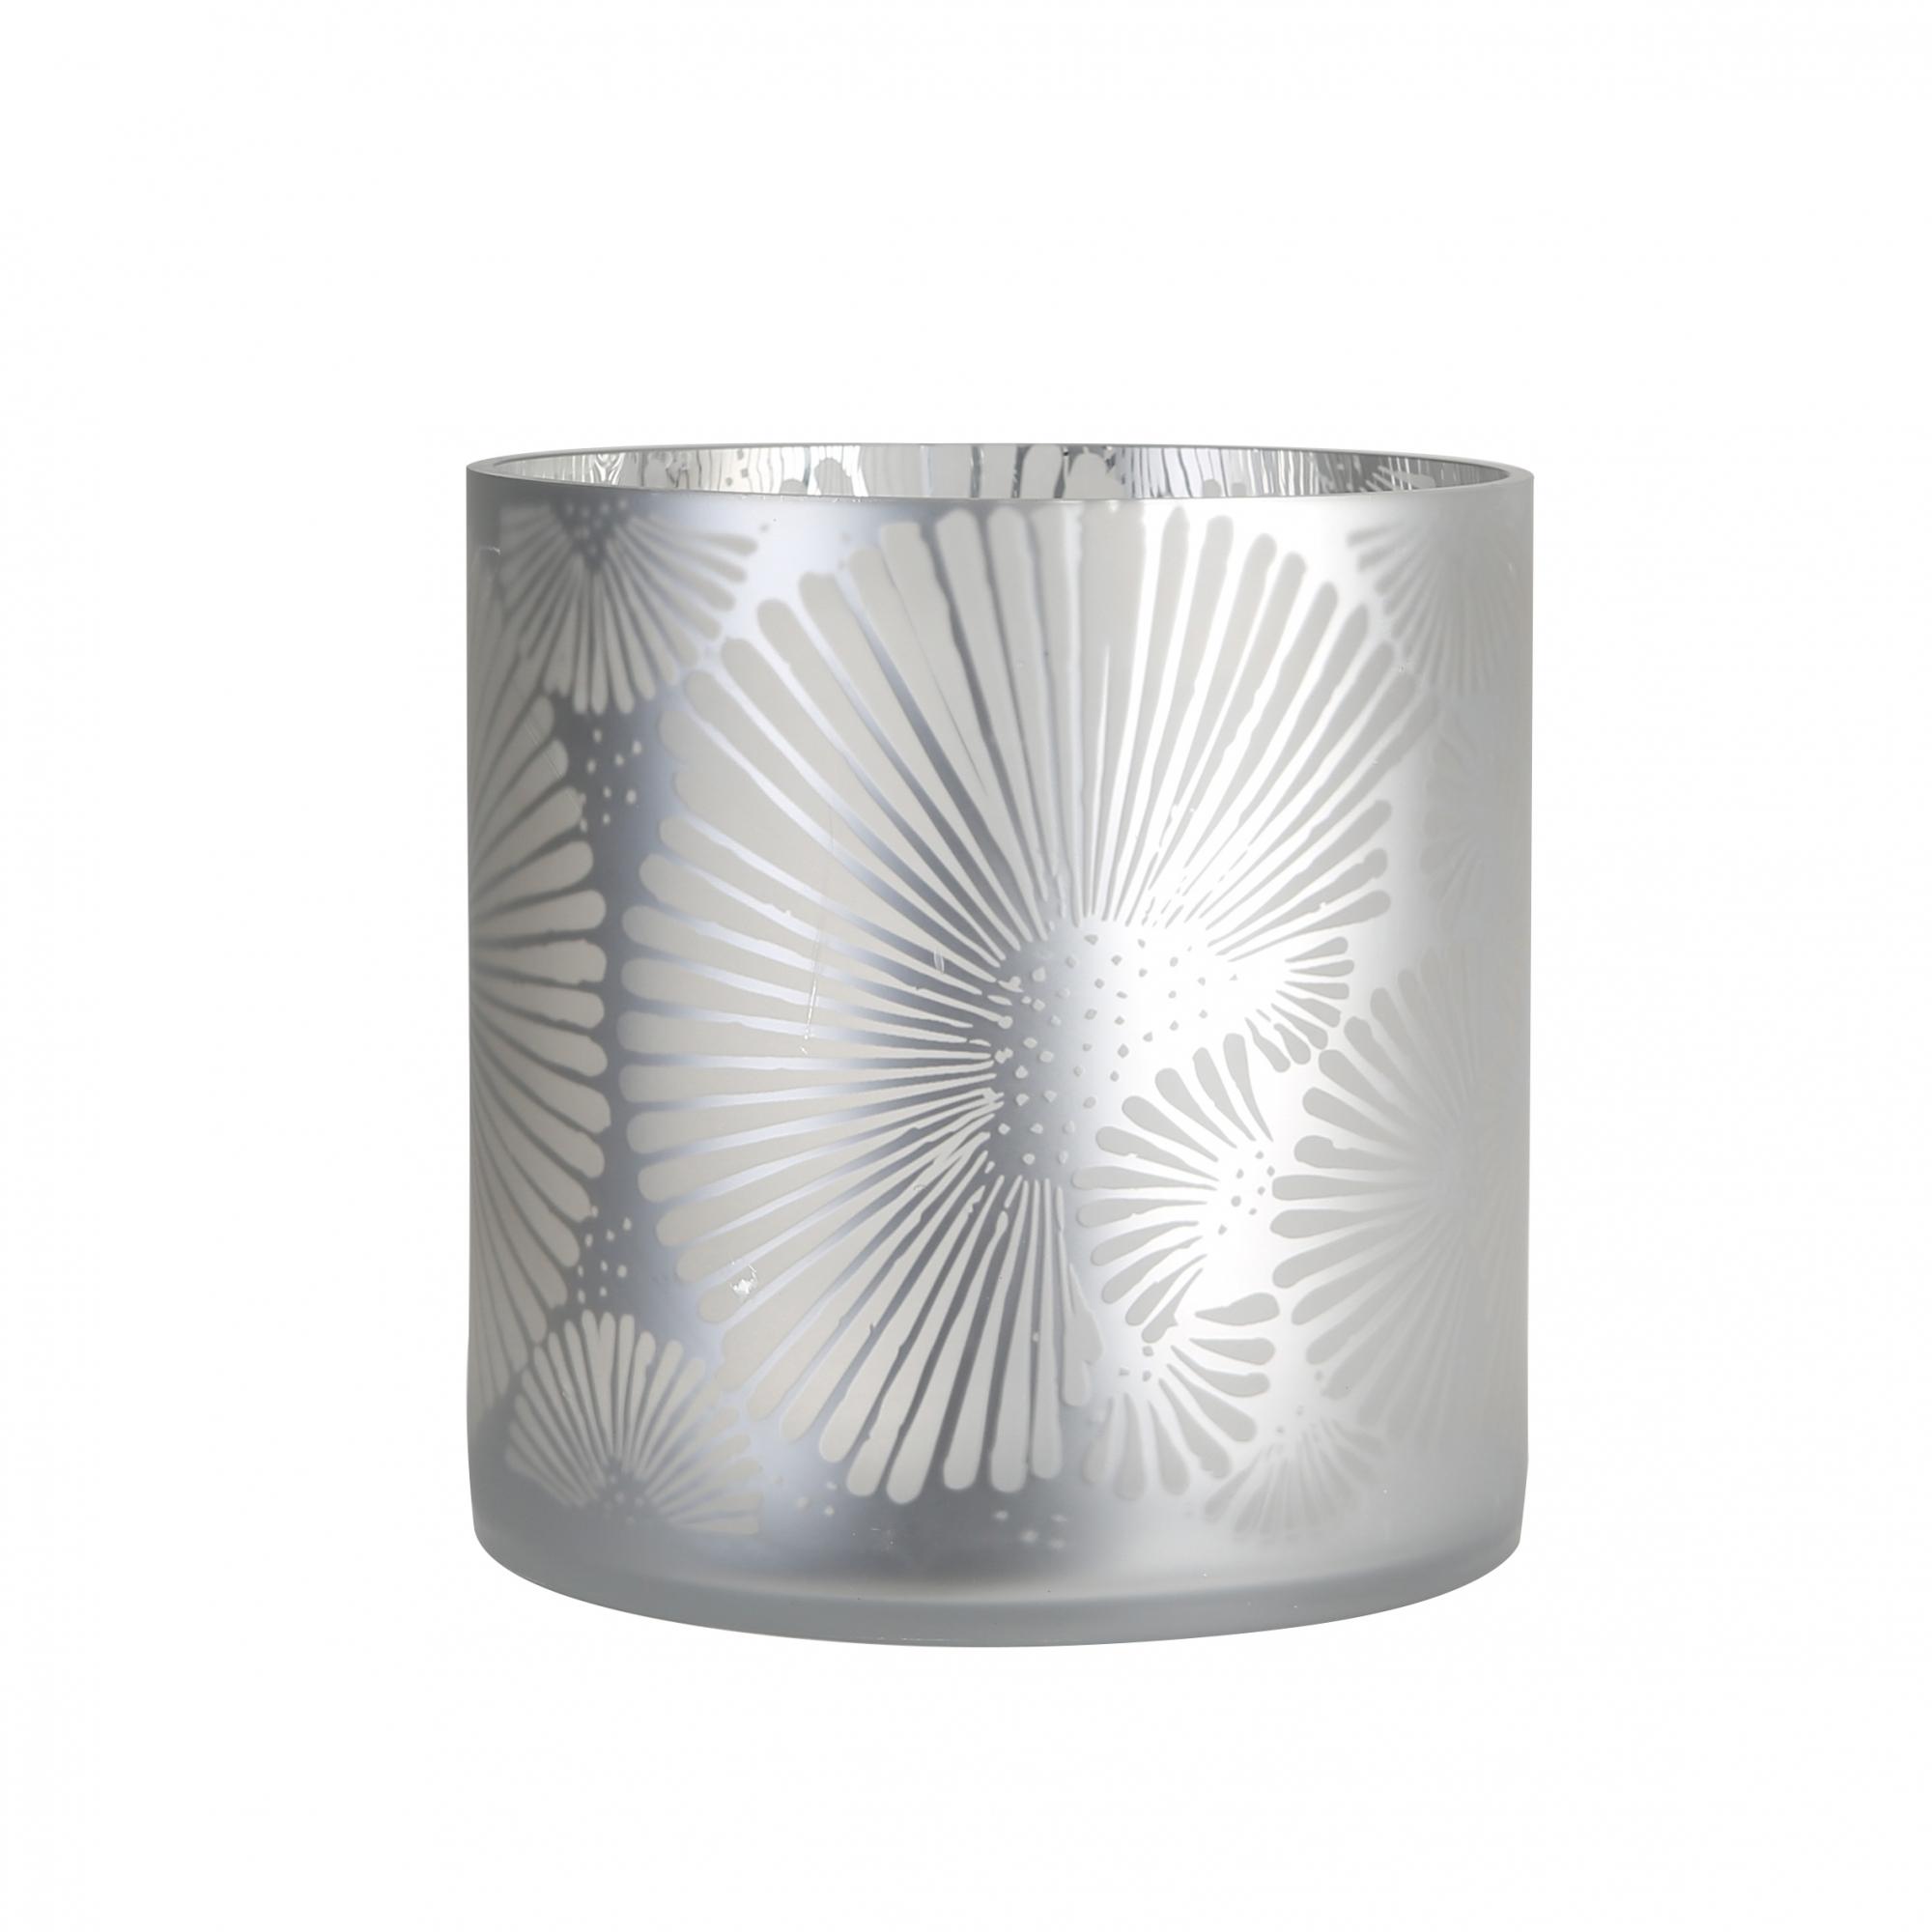 Čajový svícen Joy, 15 cm, stříbrná